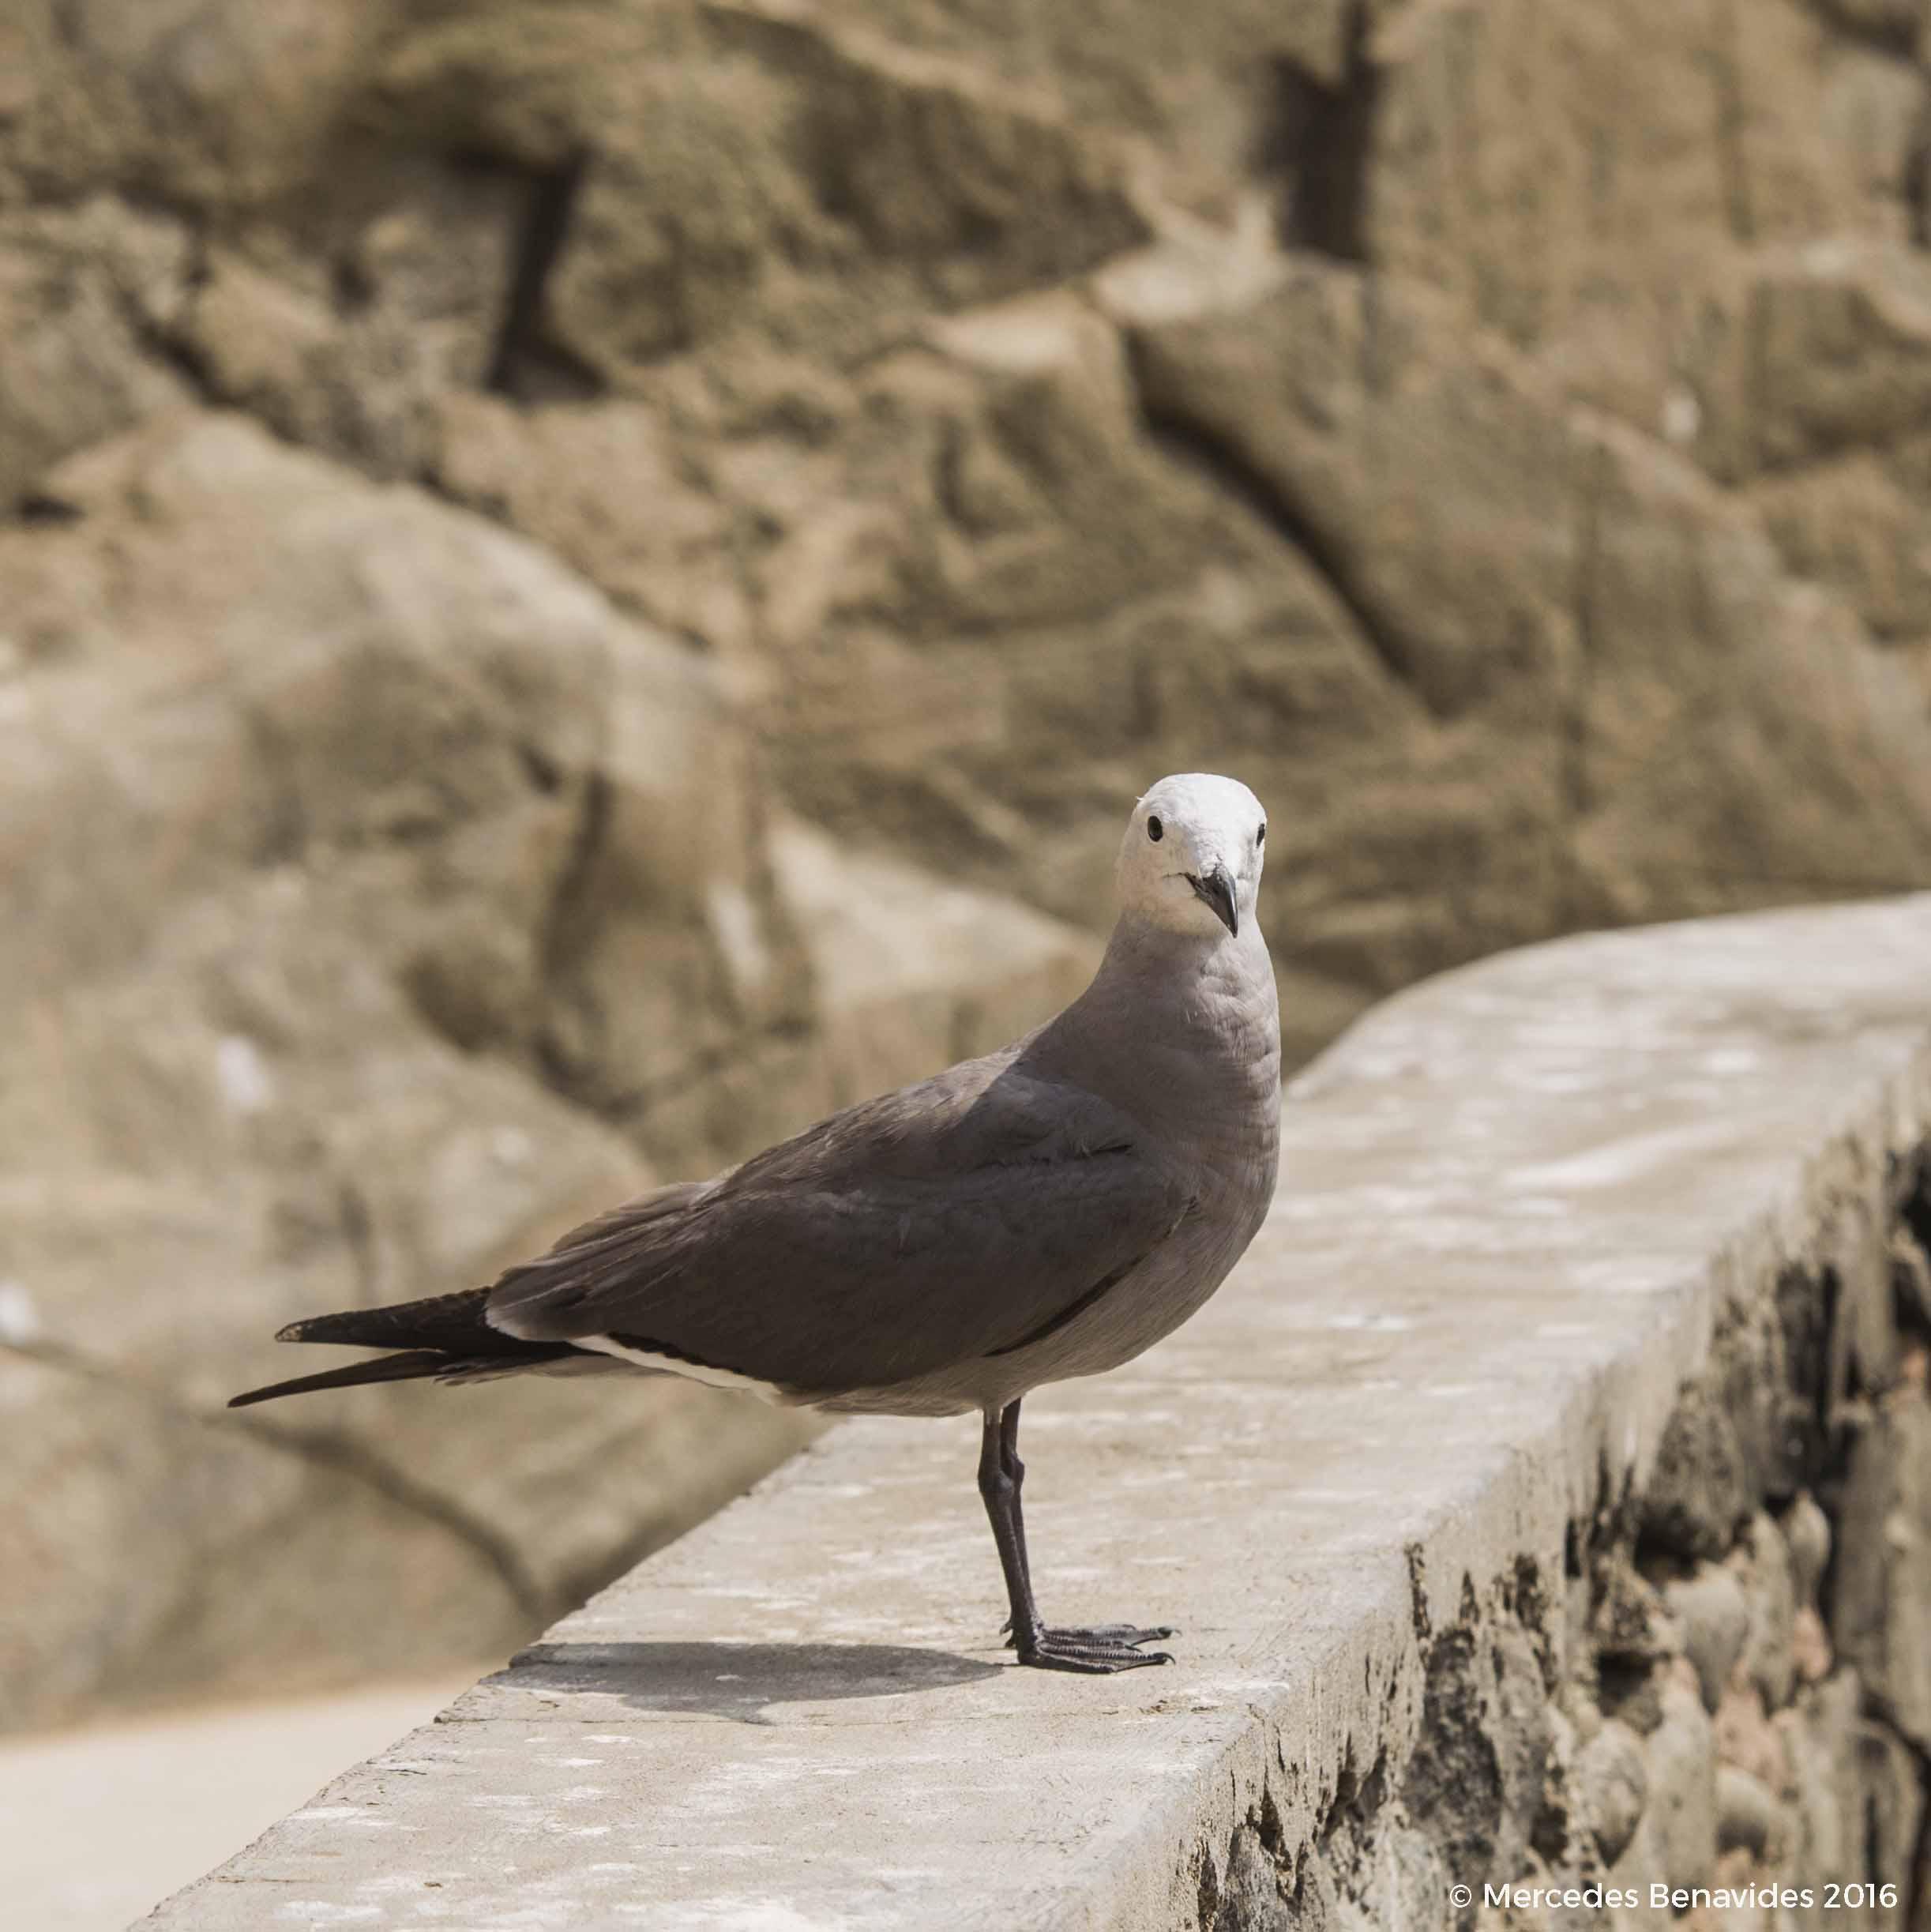 Gaviota Gris / Grey Gull ( Leucophaeus modestus ). Adulto, plumaje reproductivo. Adulto, breeding plumage.  Hábitat: Playa arenosa / Sandy beach  Pucusana, Lima, Perú